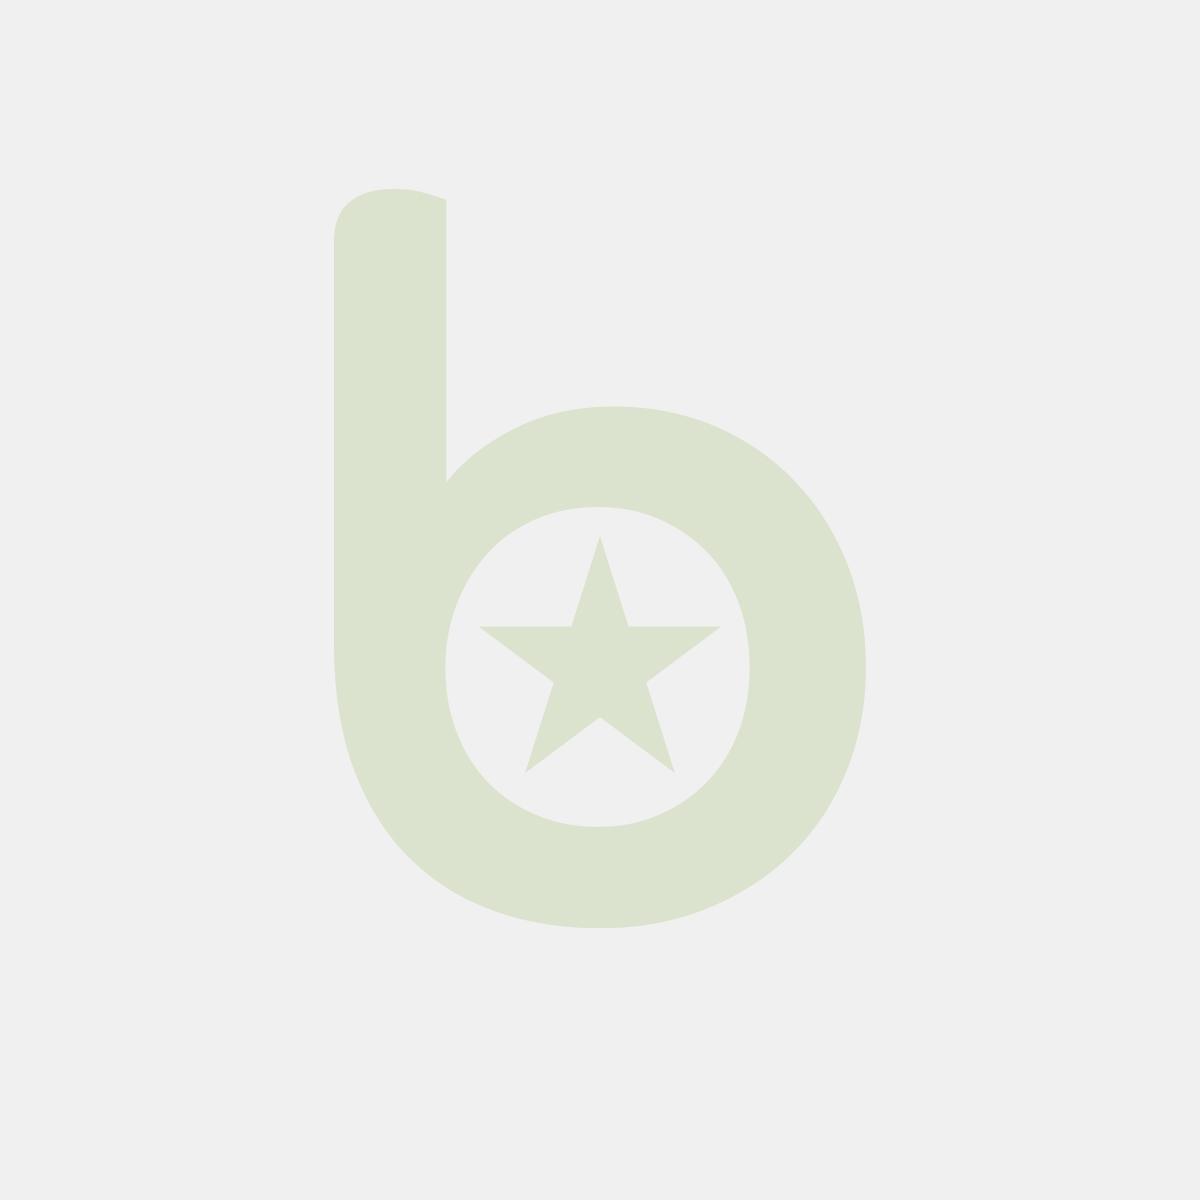 K 227/3 H3 poj. obiad biały trójdzielny op.50szt 227x178x30 (4)